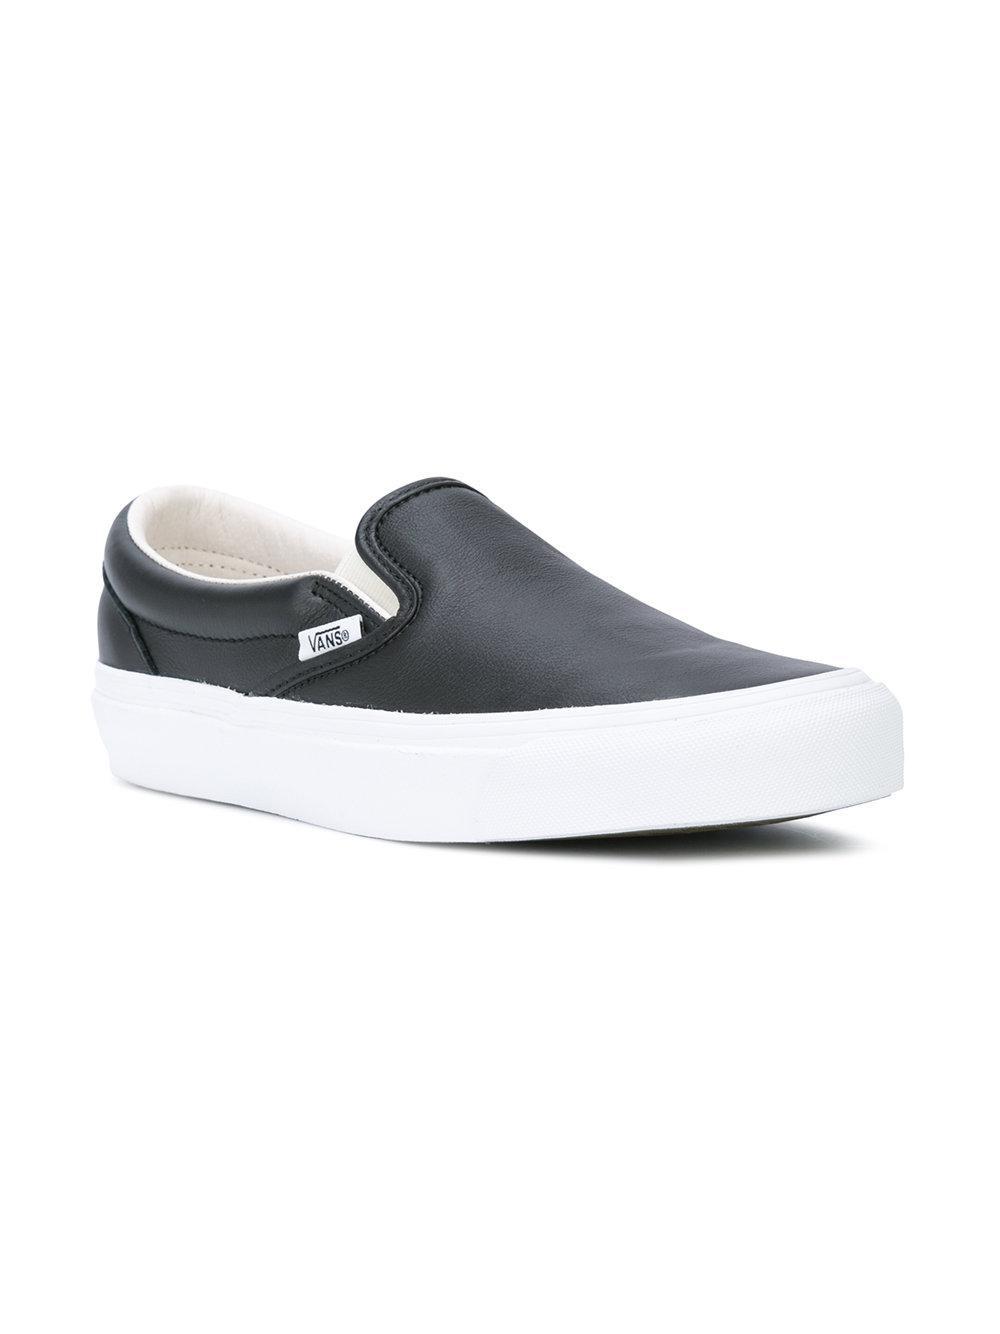 856e788b644 Vans - Black Vault Og Classic Slip On Lx Sneakers for Men - Lyst. View  fullscreen